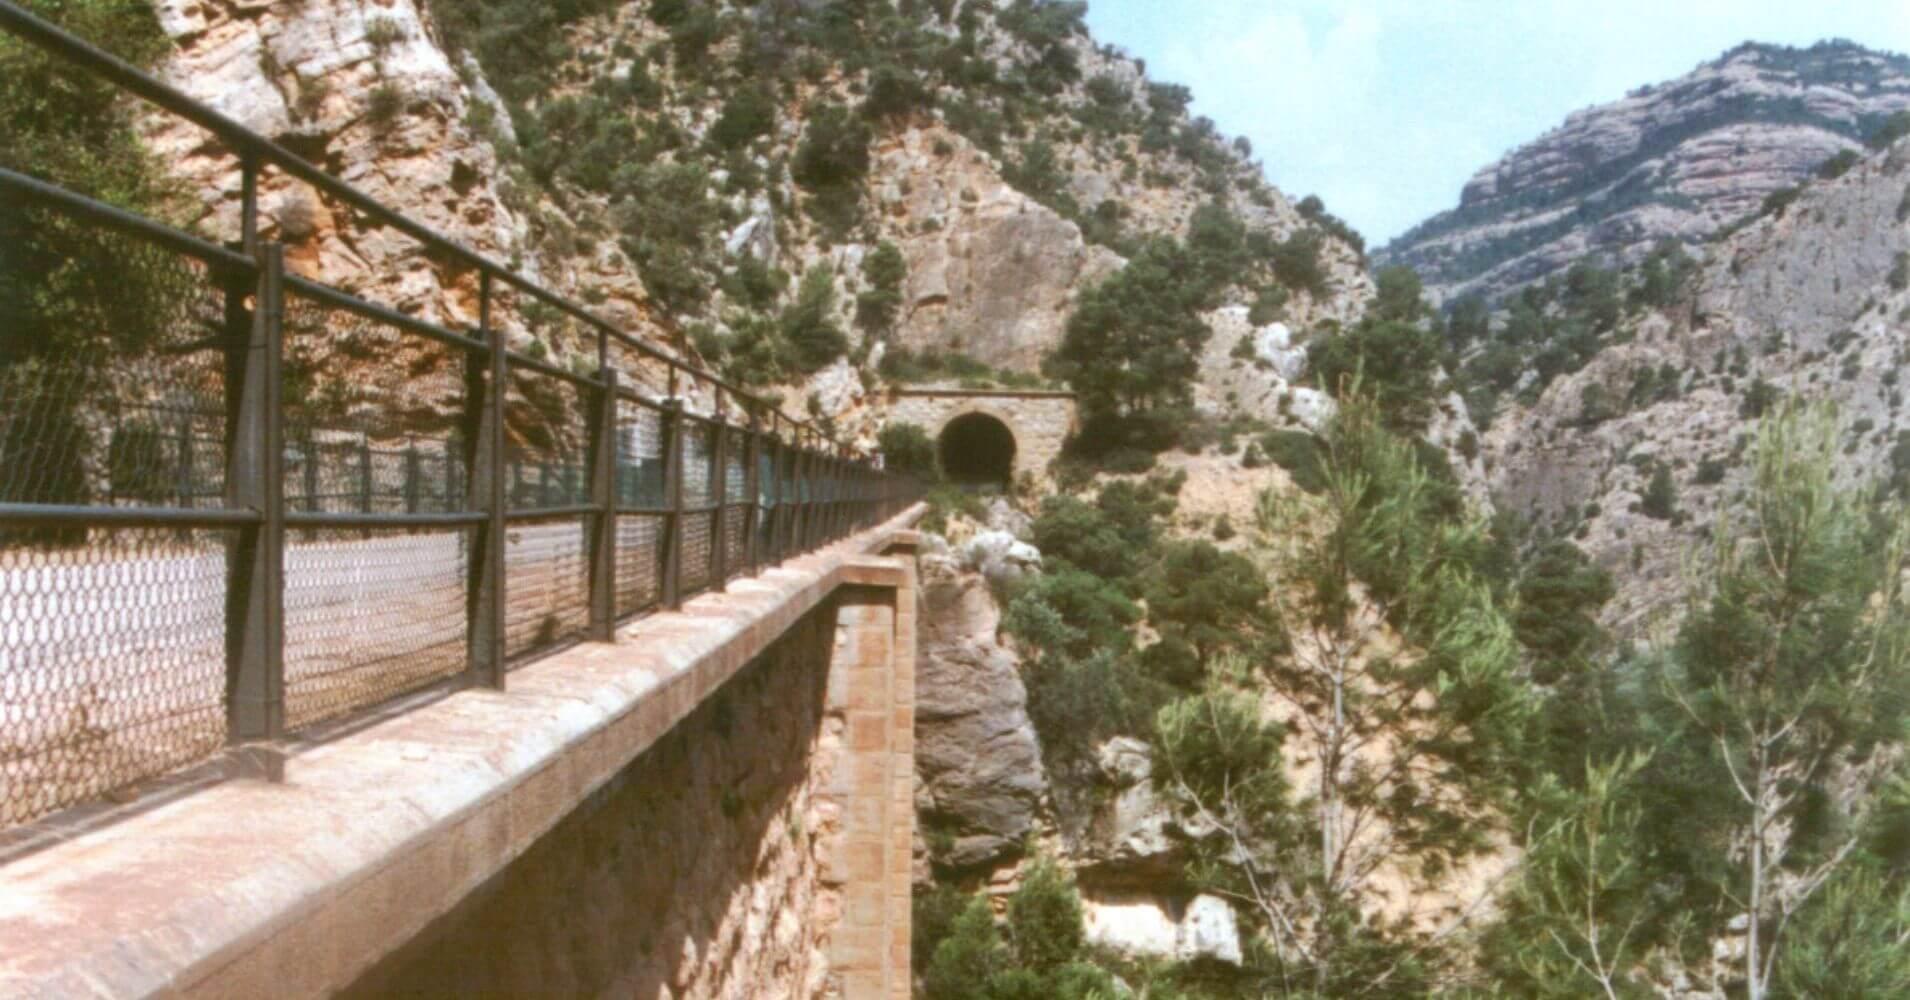 Vía Verde Terra Alta. Viaducto de la Fontcalda con el Tajo del Canaletas a la derecha. Tarragona, Cataluña.